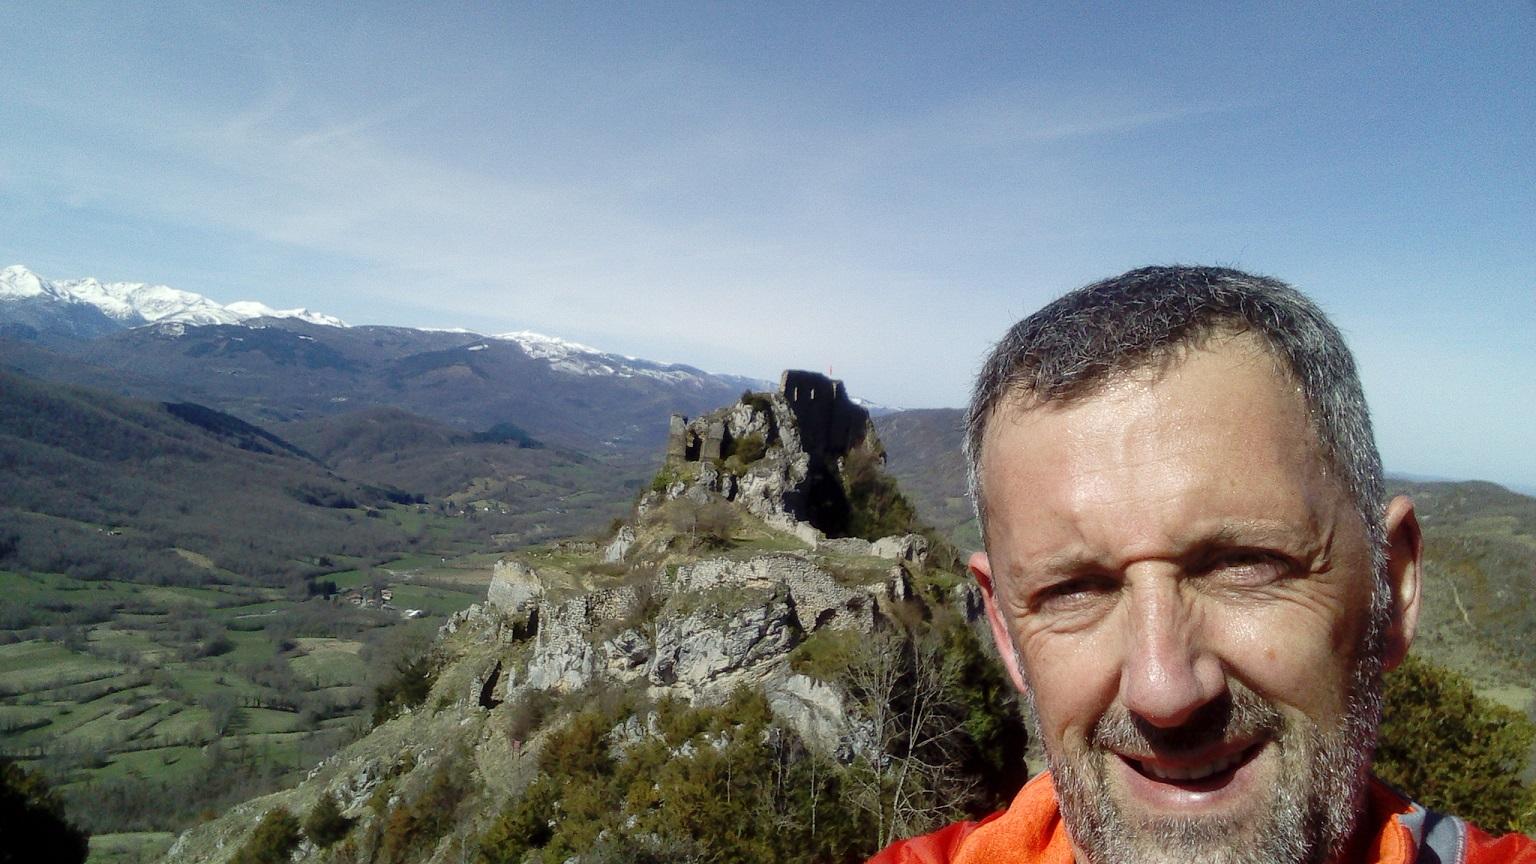 45-Luc, lui, est alors au-dessus d'un autre château, celui de Roquefixade